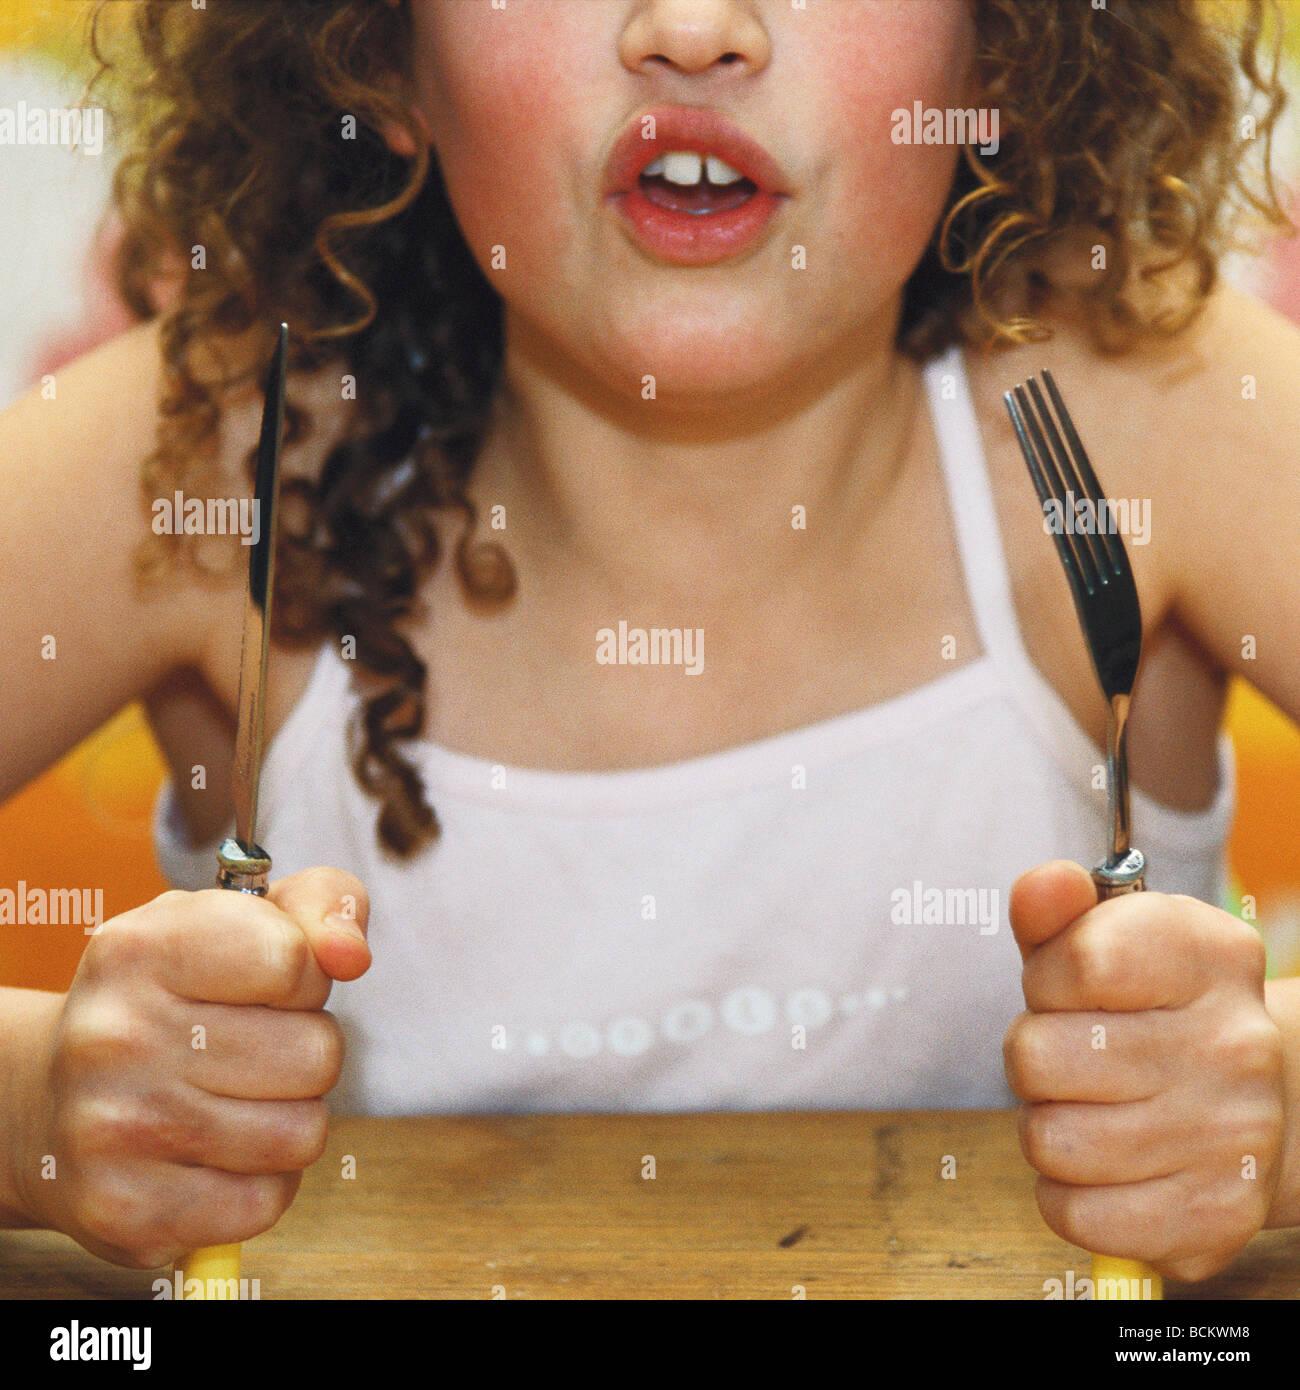 Mädchen mit Messer und Gabel, Mund öffnen Stockbild